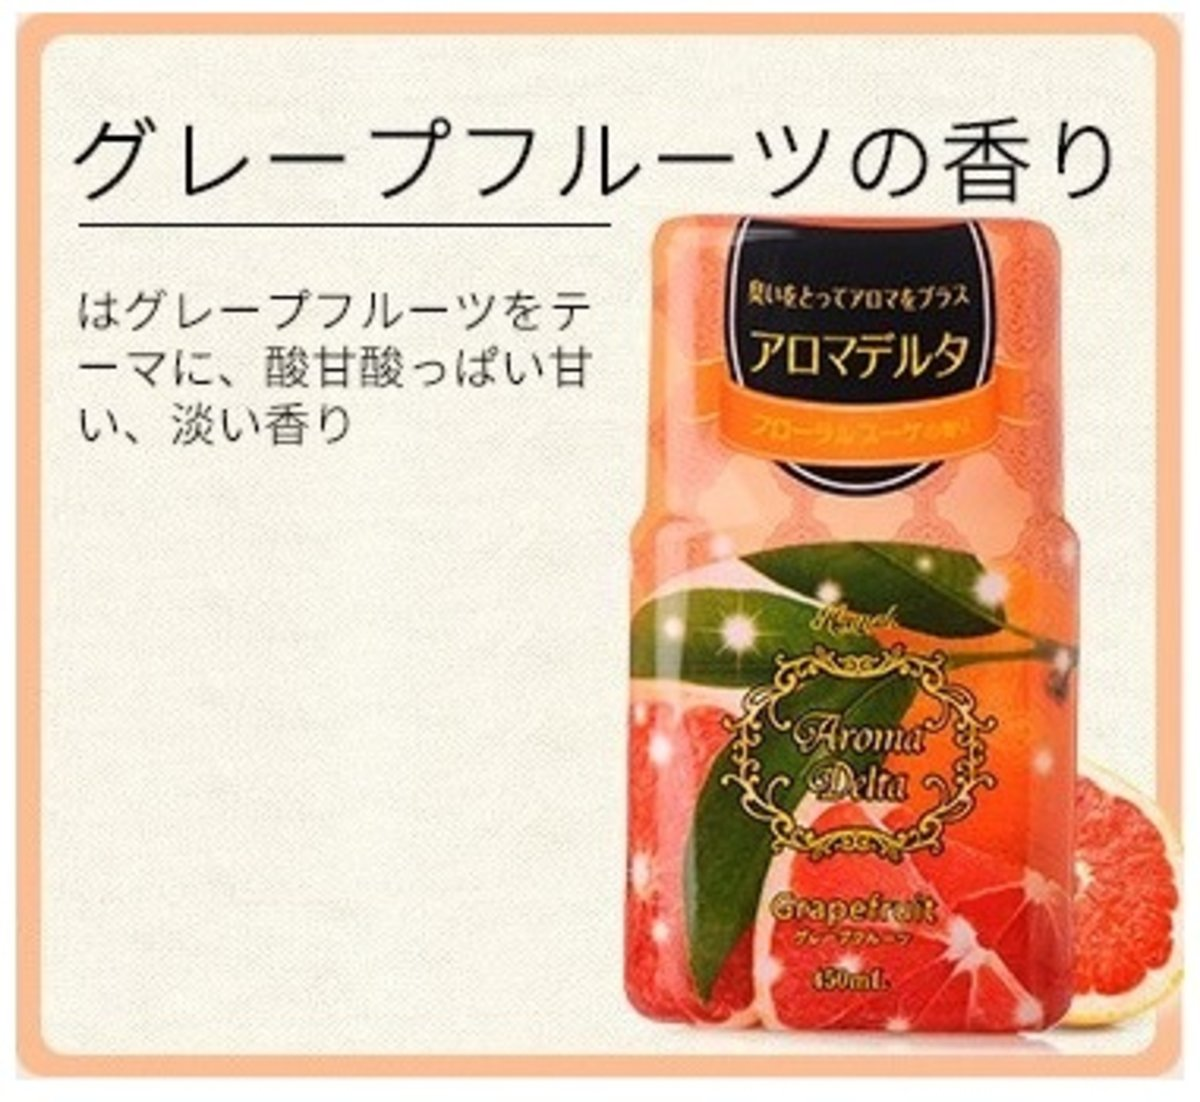 HANNAH空氣清新香薰消臭劑-葡萄柚味